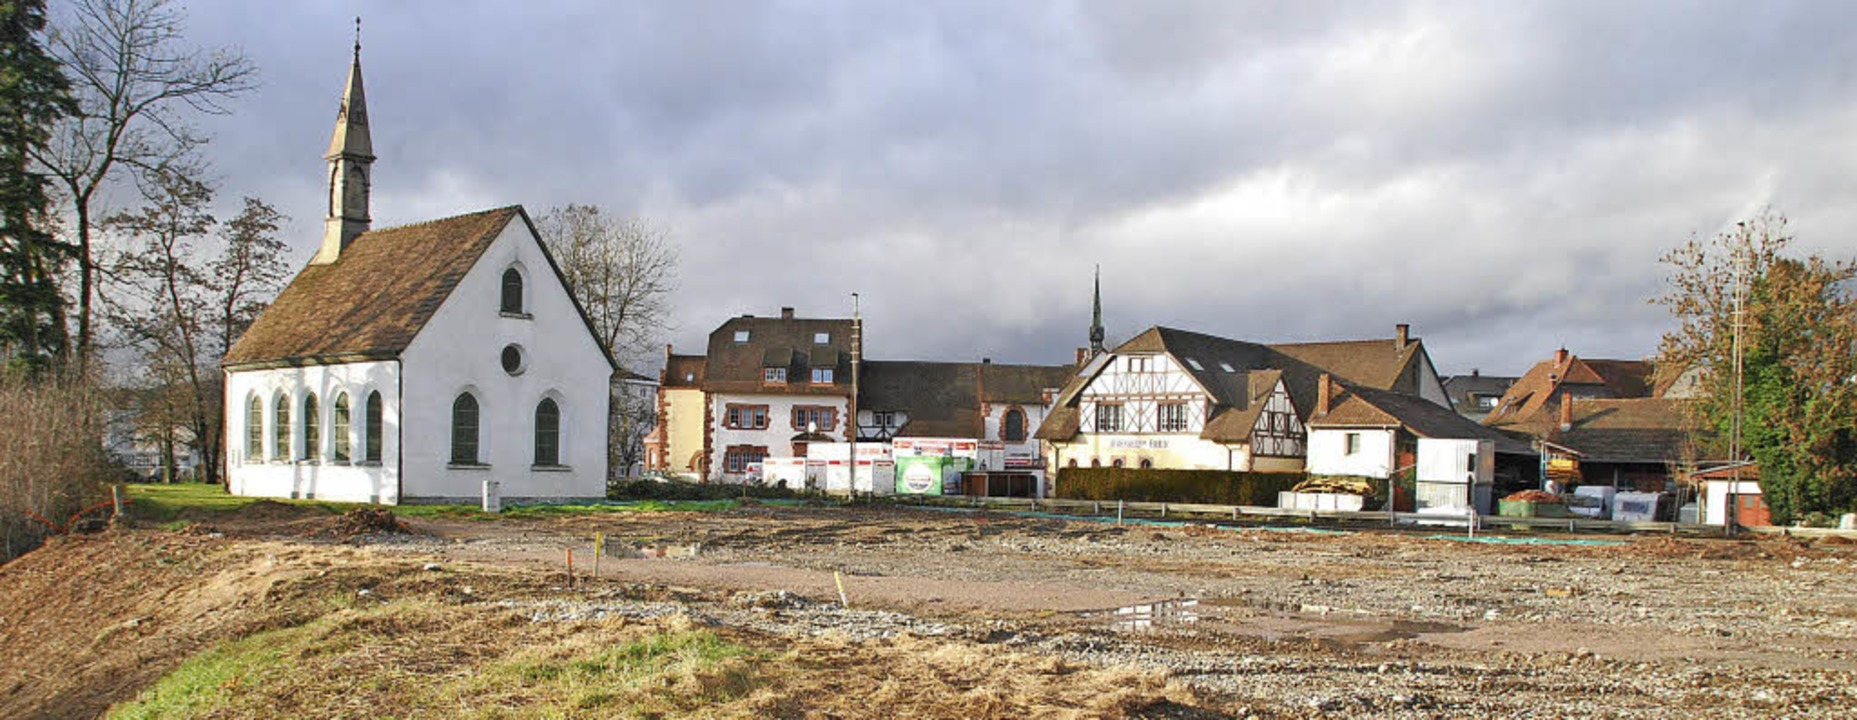 Das Baufeld ist bereitet, direkt neben...en die Bauarbeiten für  62 Wohnungen.     Foto: Ralf Staub